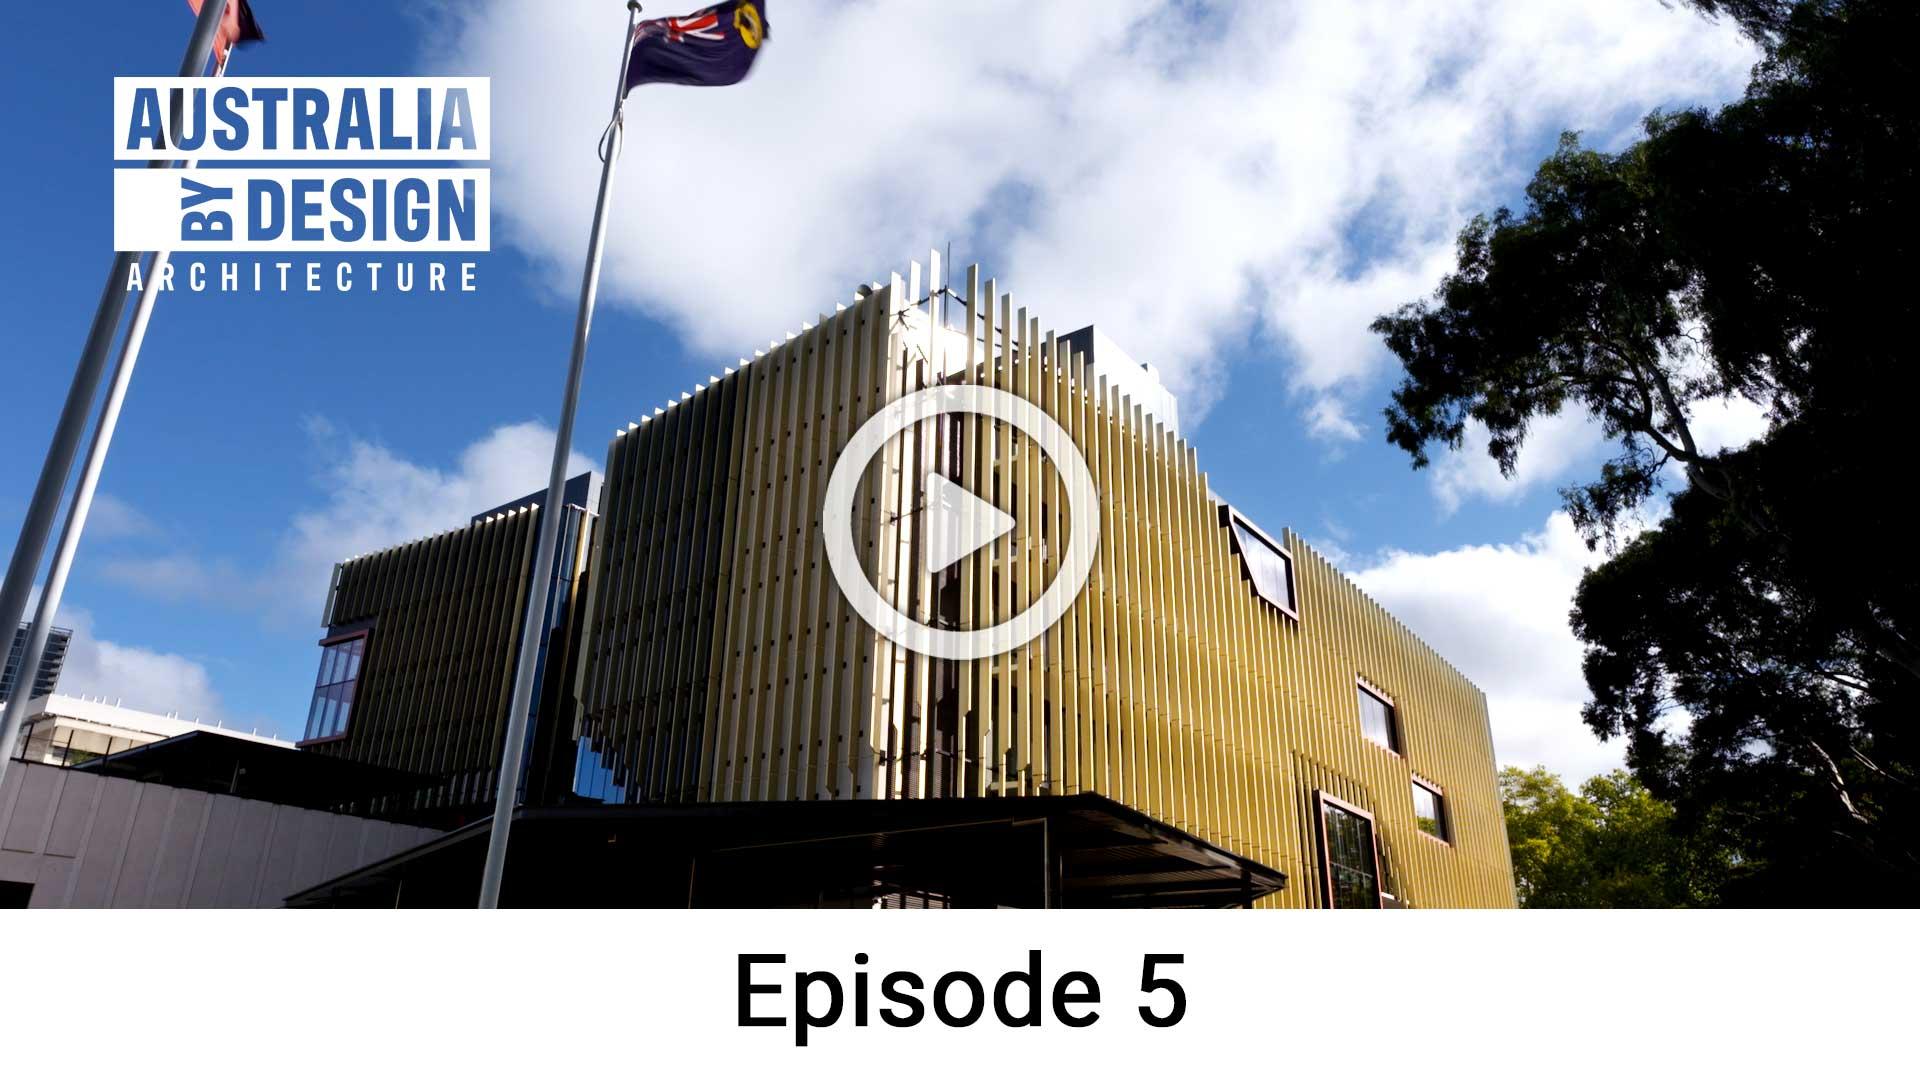 Australia Architecture S4 E5